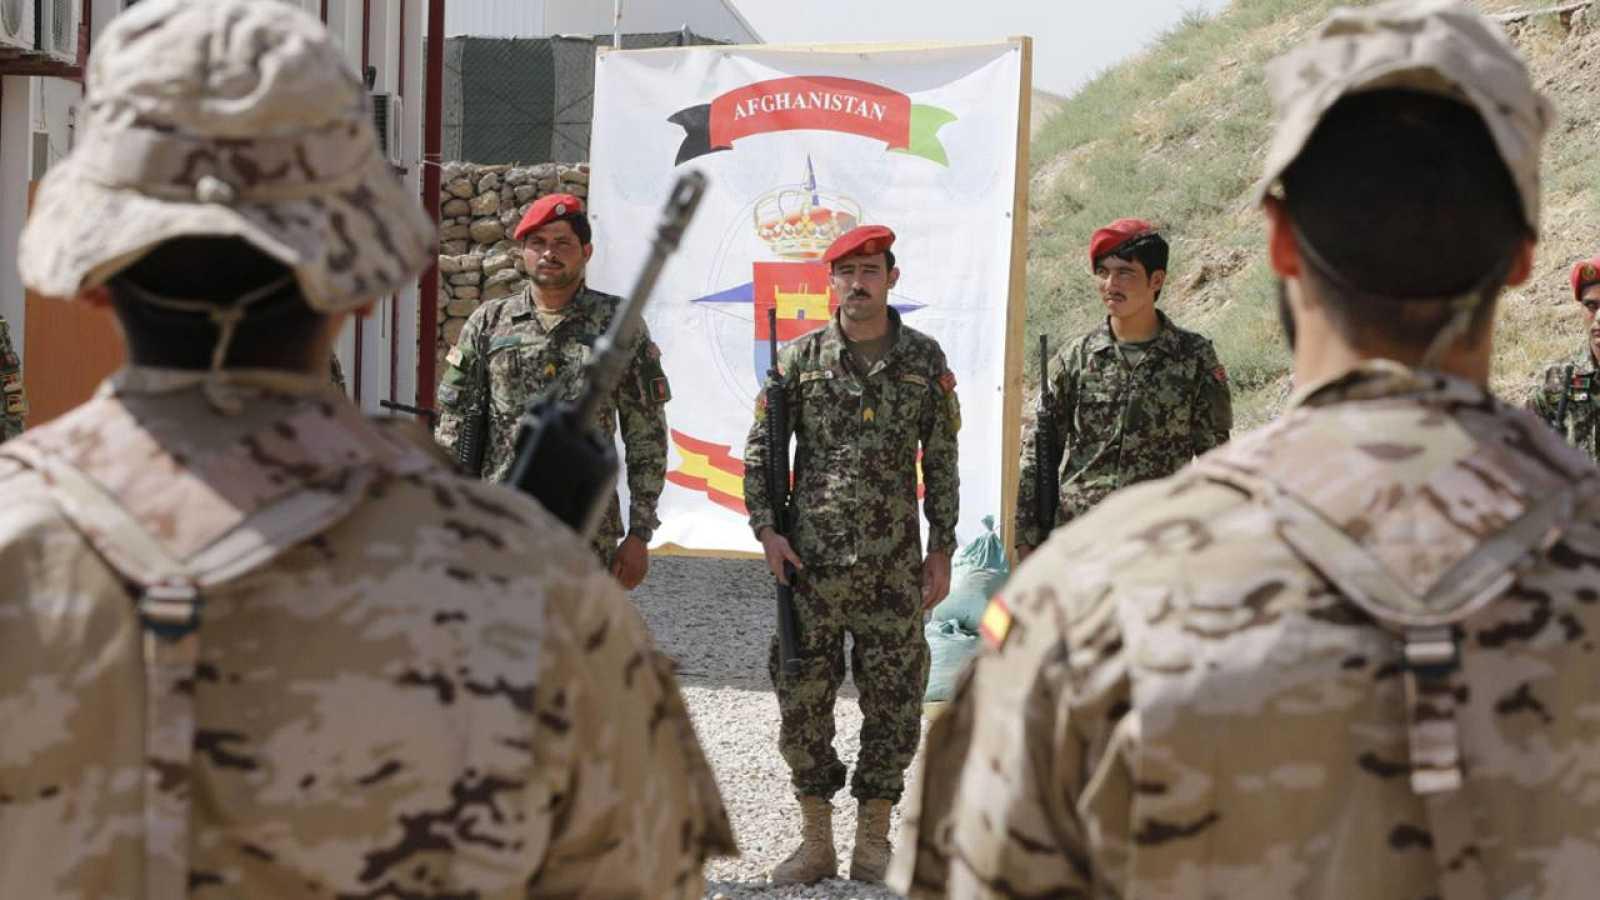 Militares españoles y afganos en un acto en Qala i Naw, en 2003